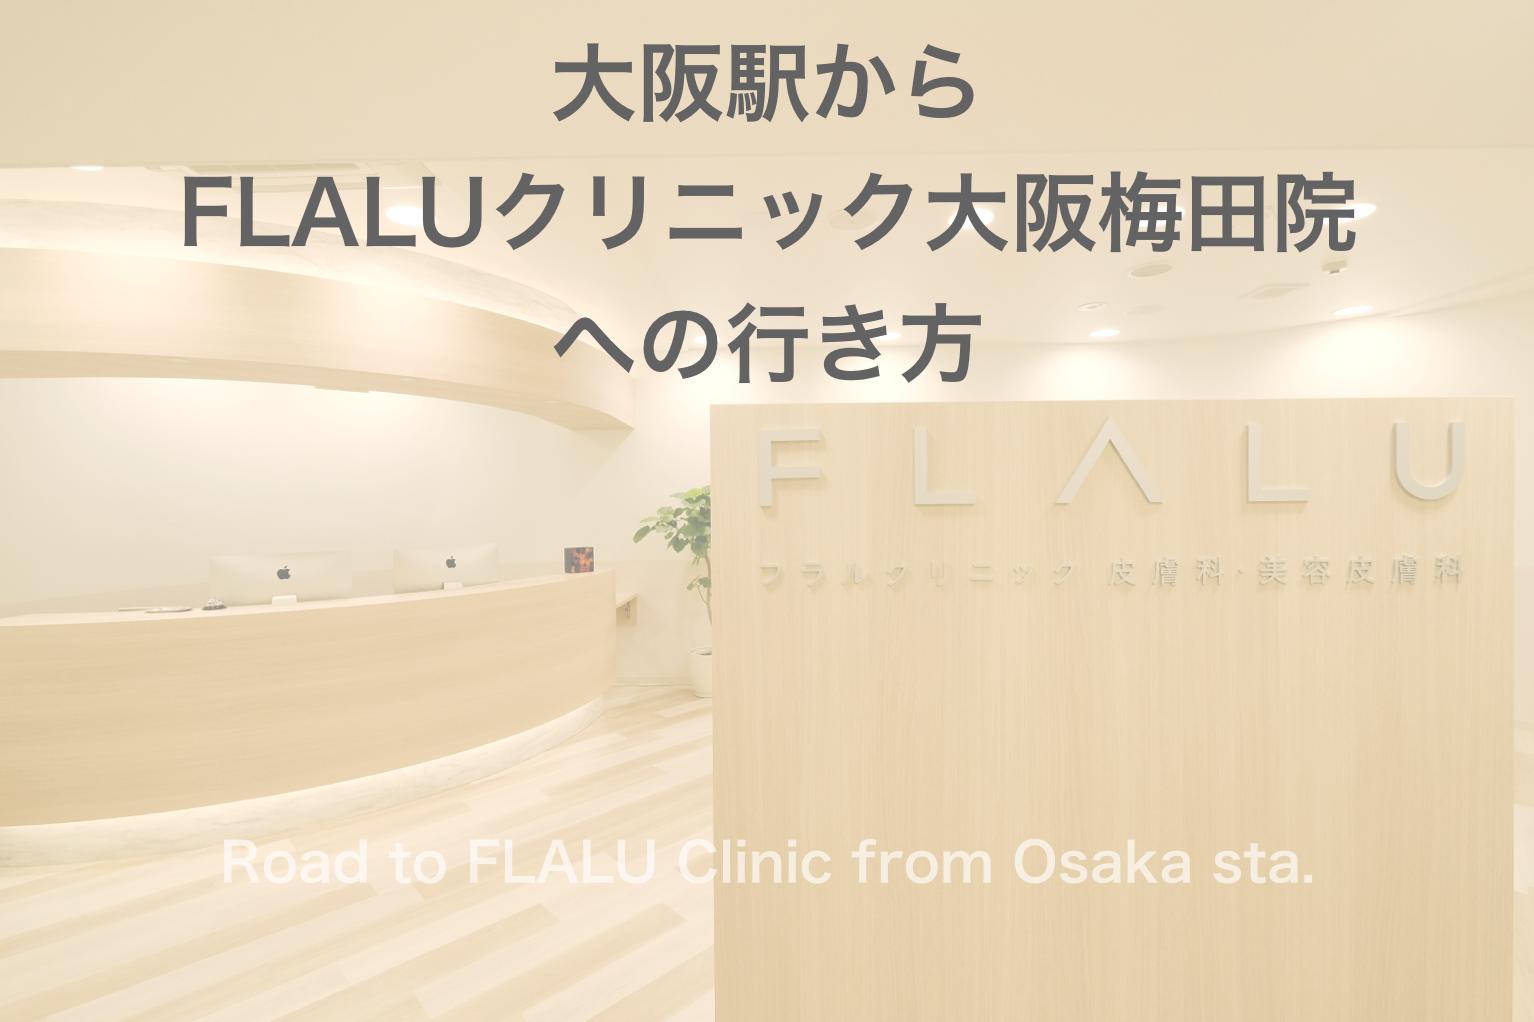 大阪駅からFLALUへ